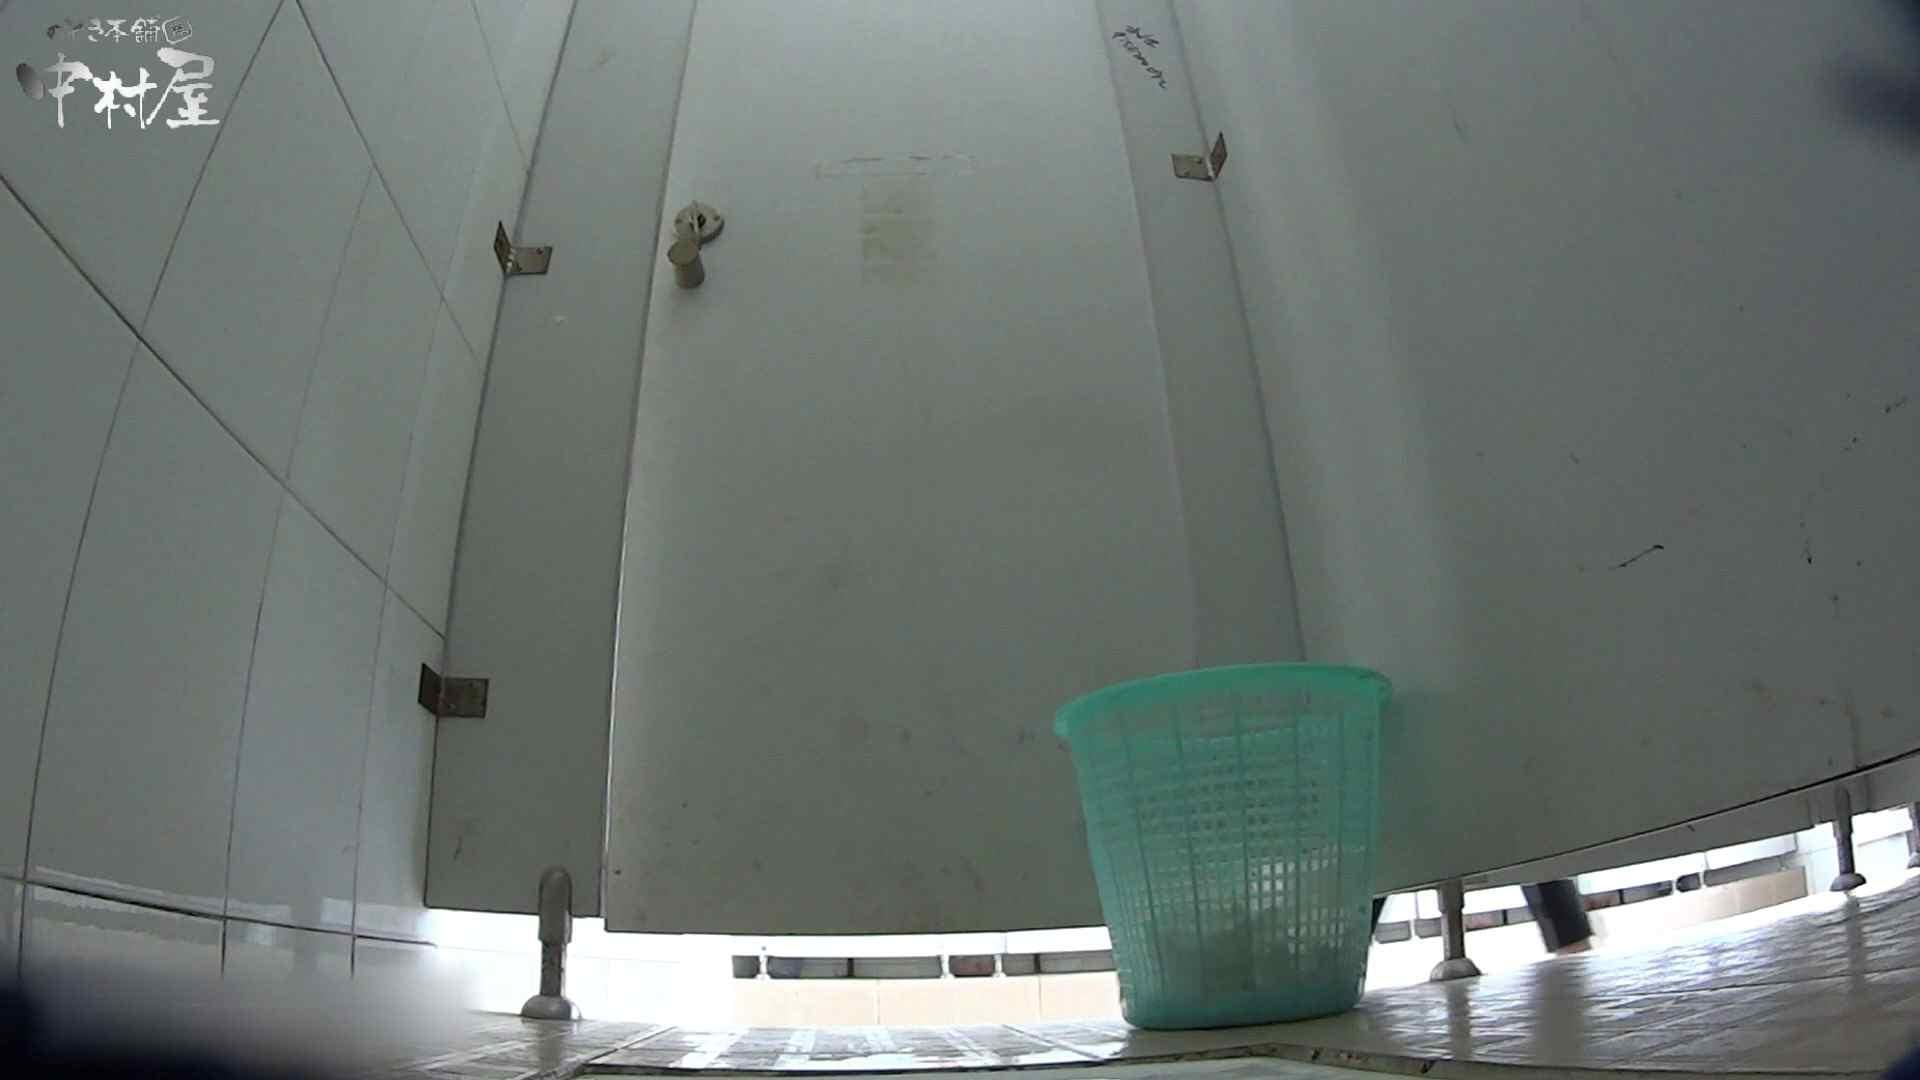 美しい女良たちのトイレ事情 有名大学休憩時間の洗面所事情06 高画質  101Pix 41